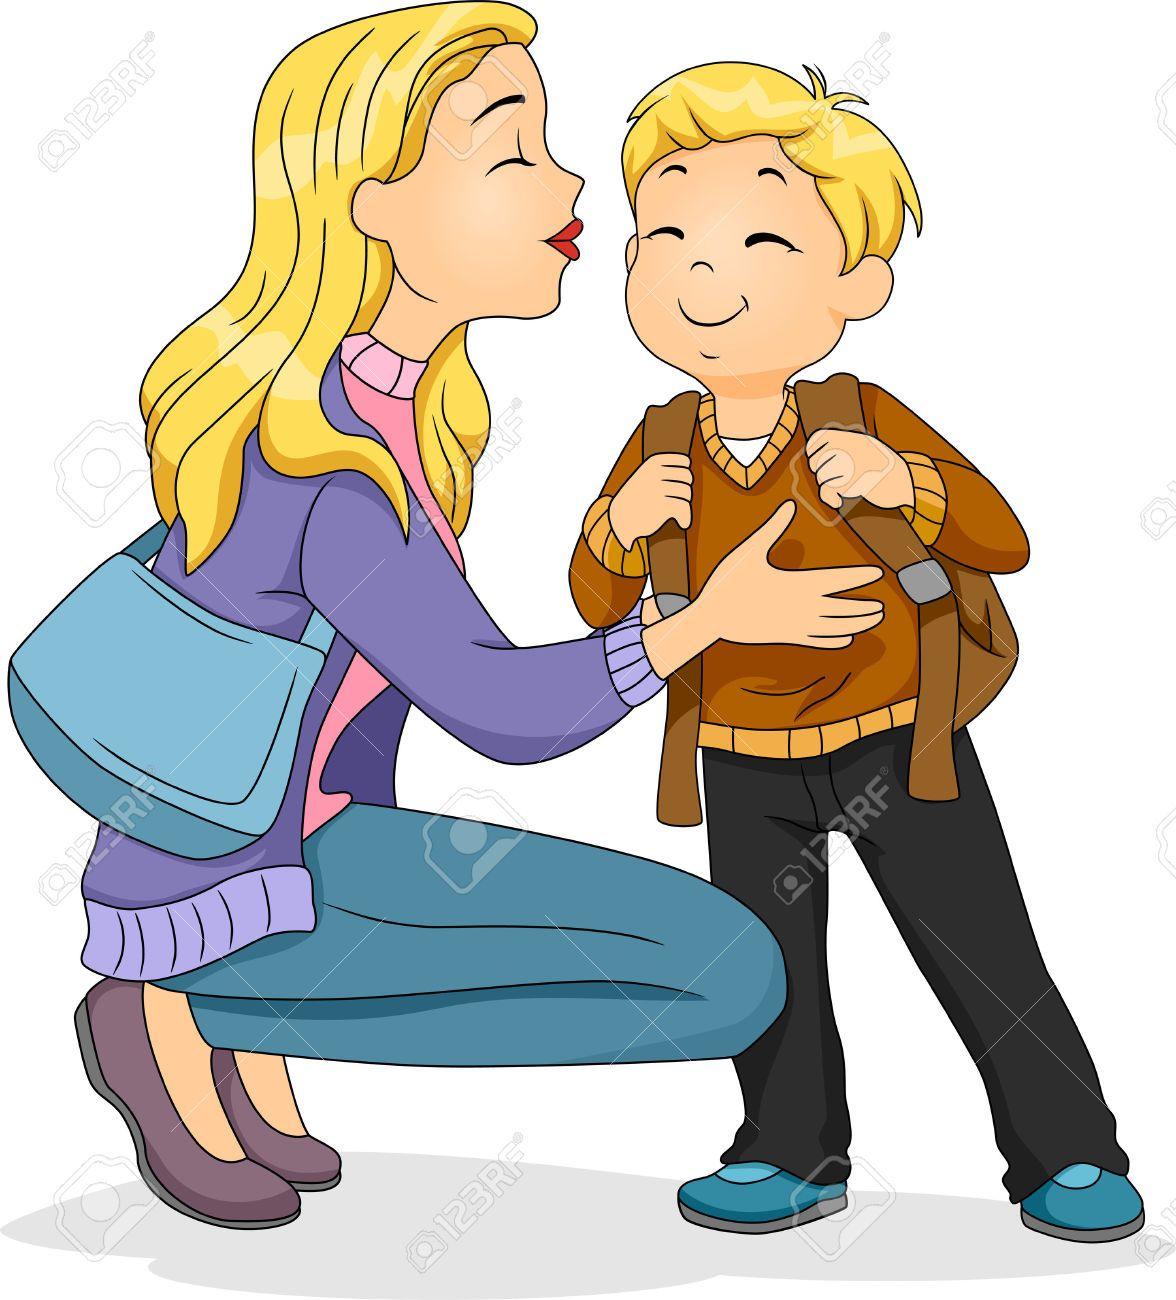 22812367-Ilustraci-n-de-una-madre-cauc-sica-plantar-un-beso-en-la ...